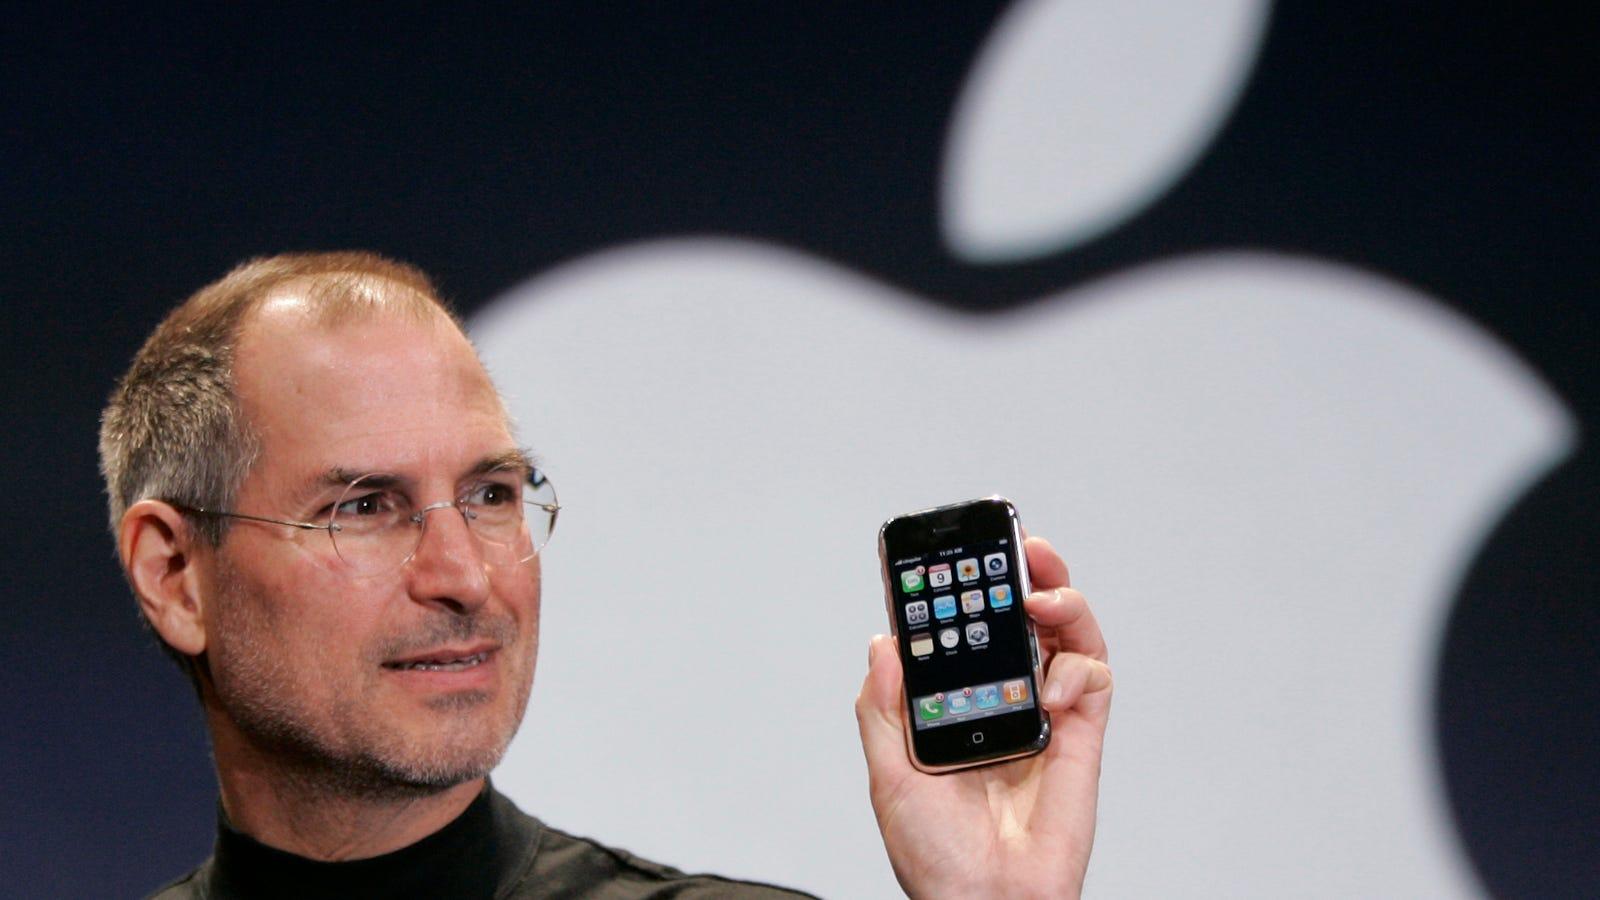 La verdad sobre la primera demo del iPhone: casi nada funcionaba